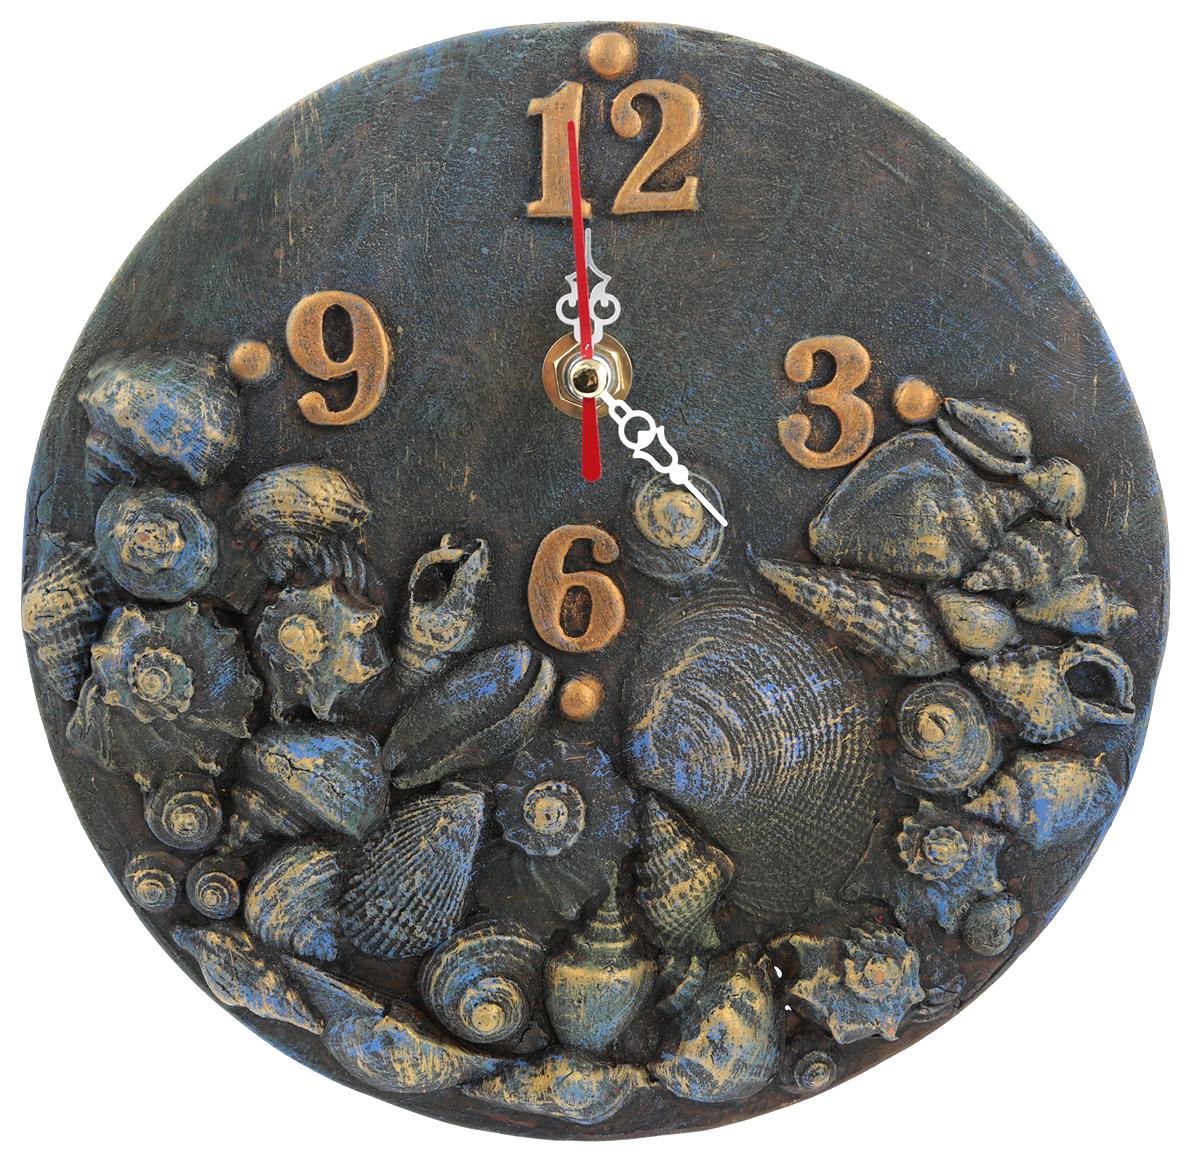 """Керамика, акрил, часовой механизм.  Диаметр: 20 см.  Автор - Никифоров Павел.  Часы """"Море"""" - эта уникальная авторская вещь хранит творческую энергию создателя, и, получив   ее в домашнюю коллекцию, Вы ощутите не только гордость обладателя раритета, но и чувство   сопричастности тому мгновению, в которое родилось произведение и наглядно убедитесь, что   миг неповторим!    Уважаемые клиенты! Изделие, выполненное под заказ, может незначительно отличаться от фотографии, общий вид остается."""